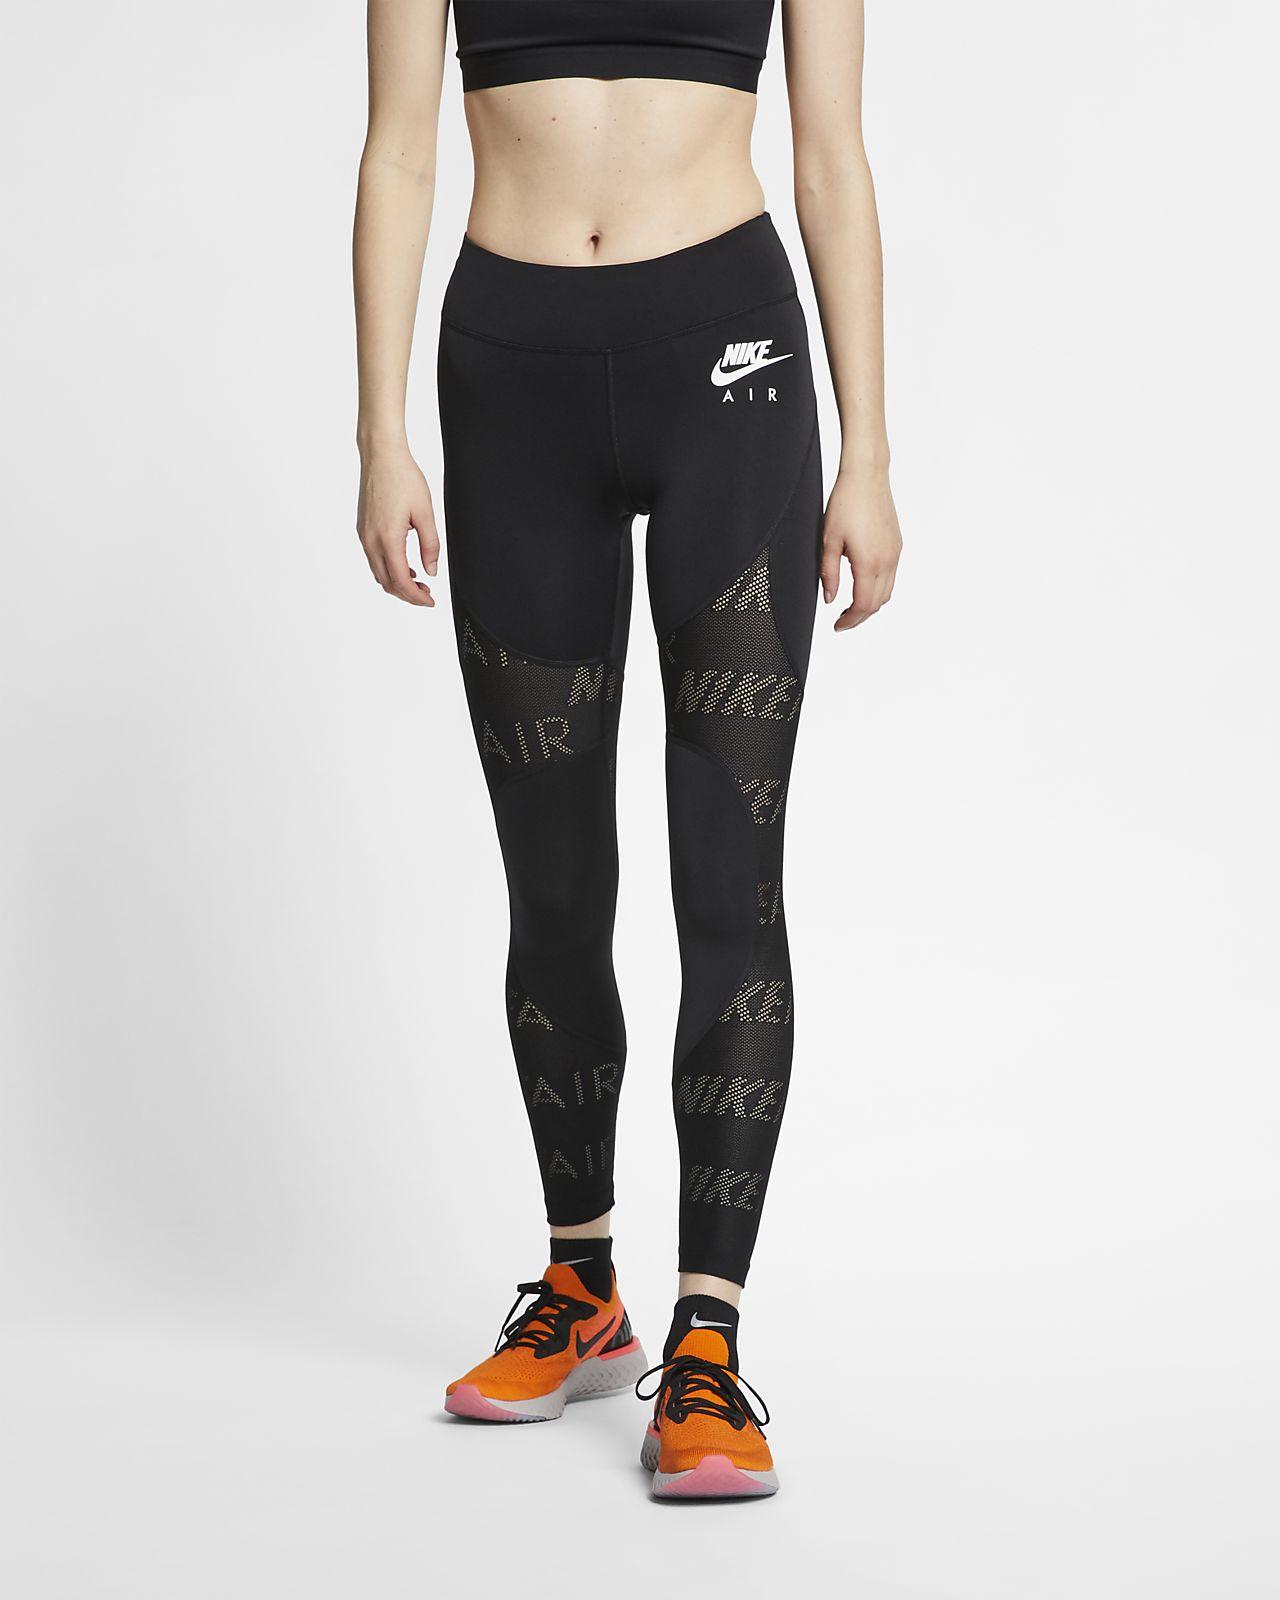 กางเกงวิ่งรัดรูปผู้หญิง 7 ส่วน Nike